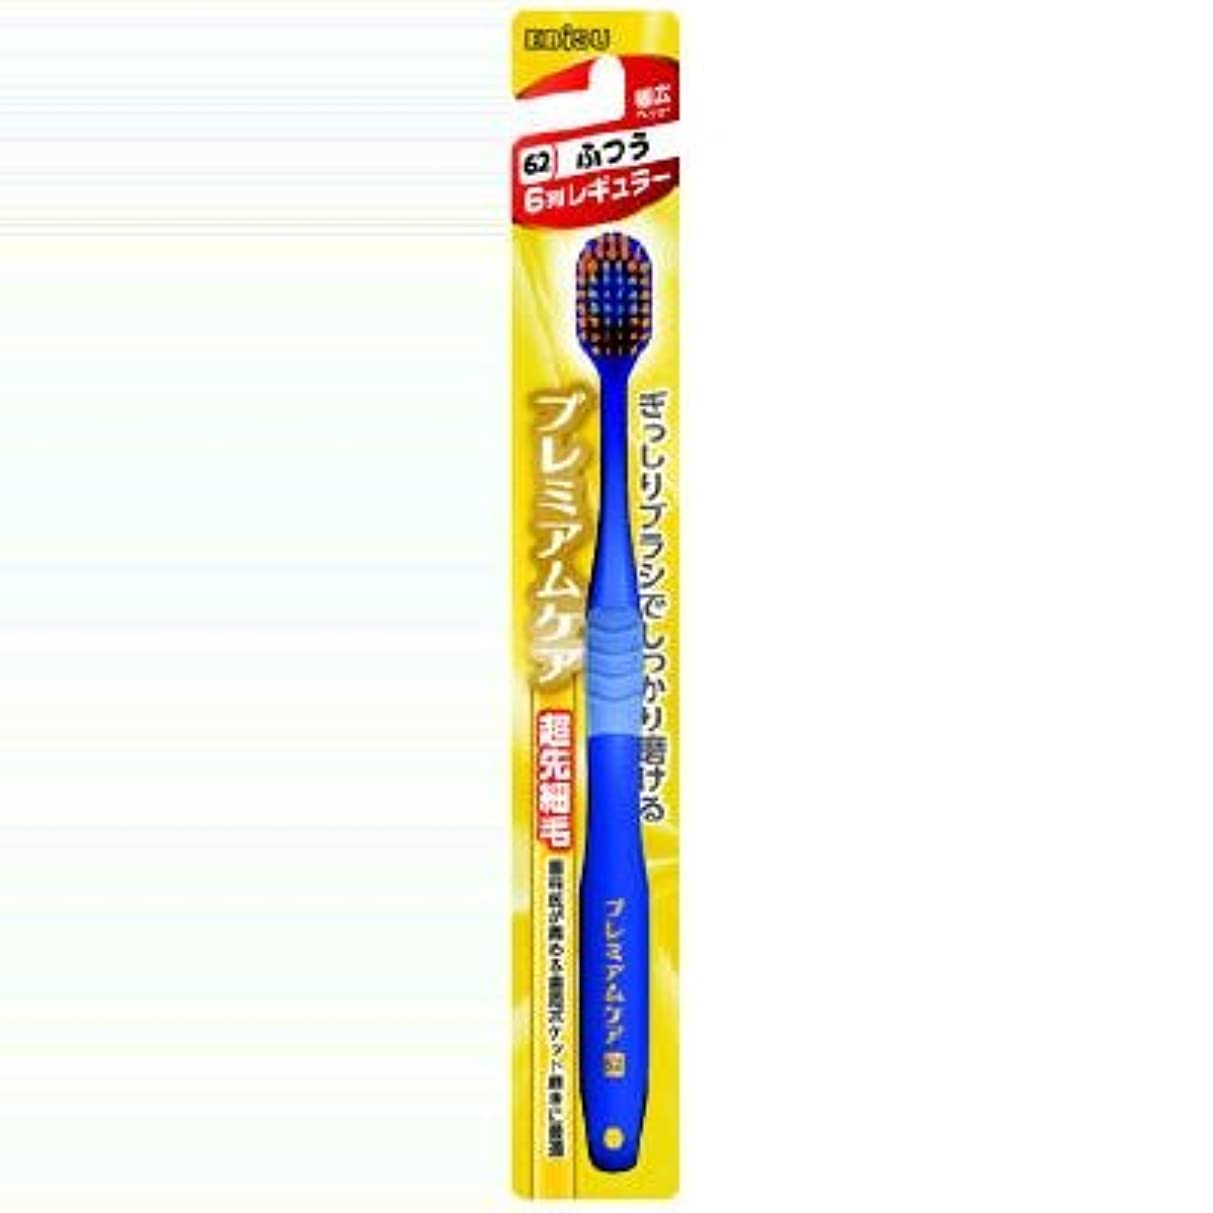 アイザック地下室導体【まとめ買い】プレミアムケアハブラシ ふつう ×2セット